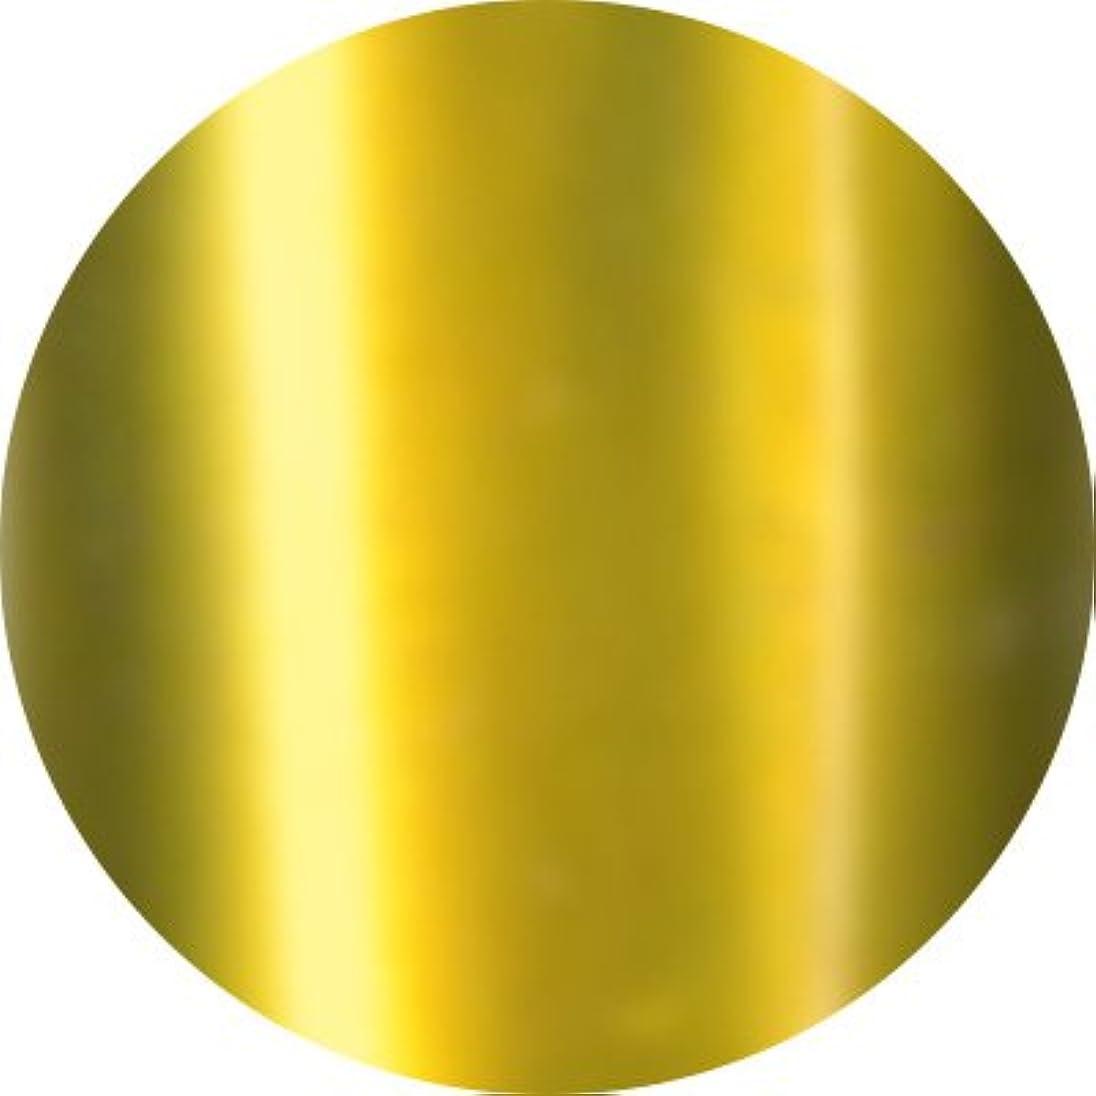 ノベルティ不毛計画Jewelry jel(ジュエリージェル) カラージェル 5ml<BR>ピッカピカメタリック MKゴールド